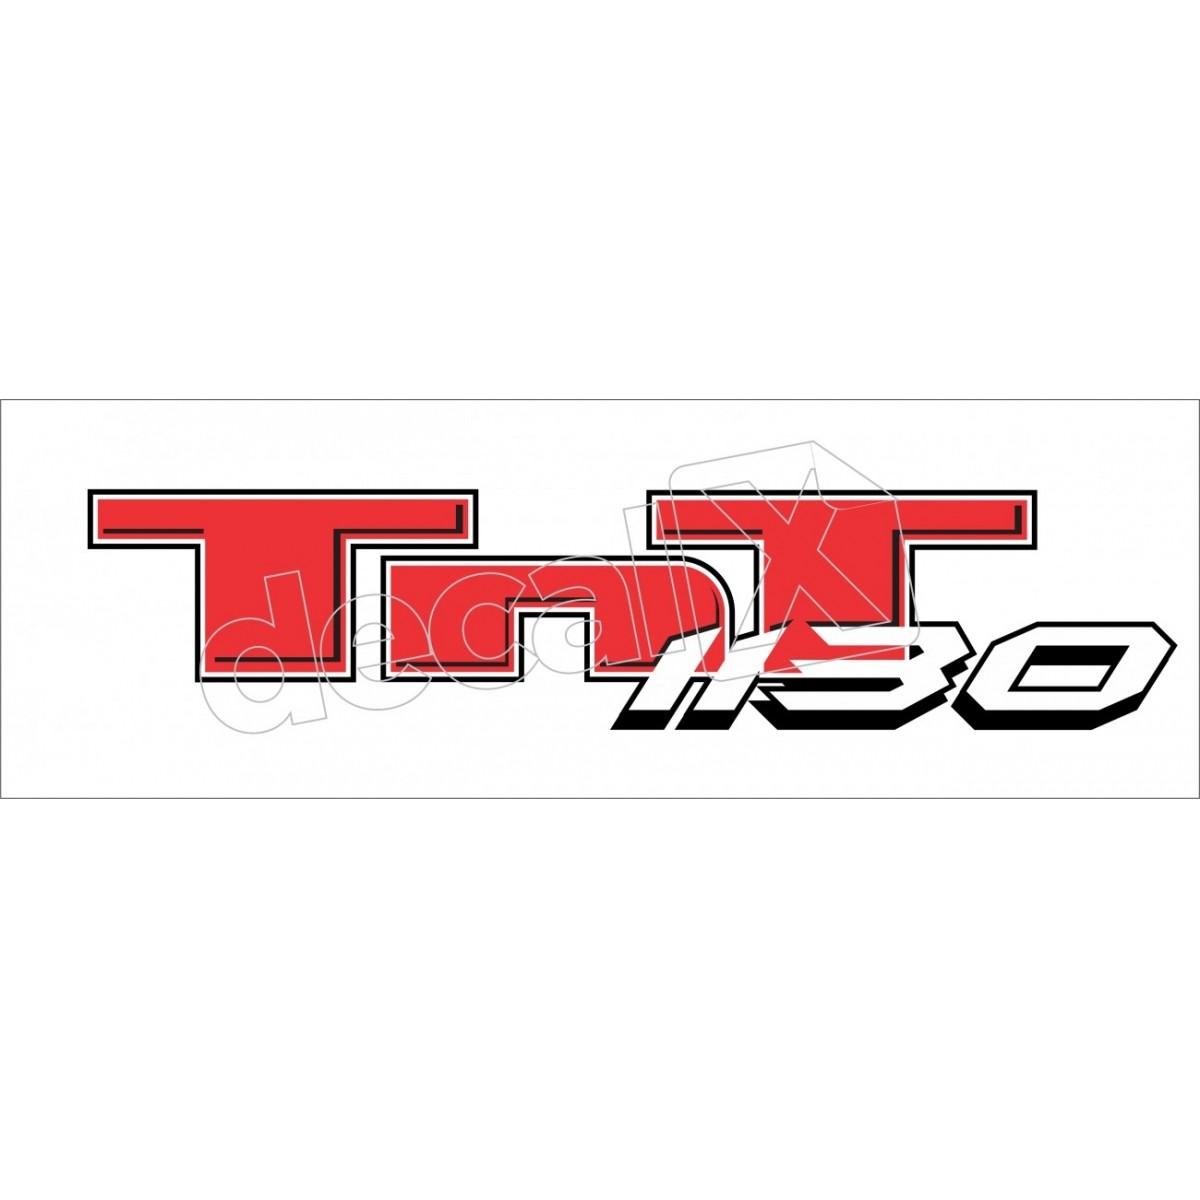 Adesivo Benelli Tnt 1130 Par Decalx